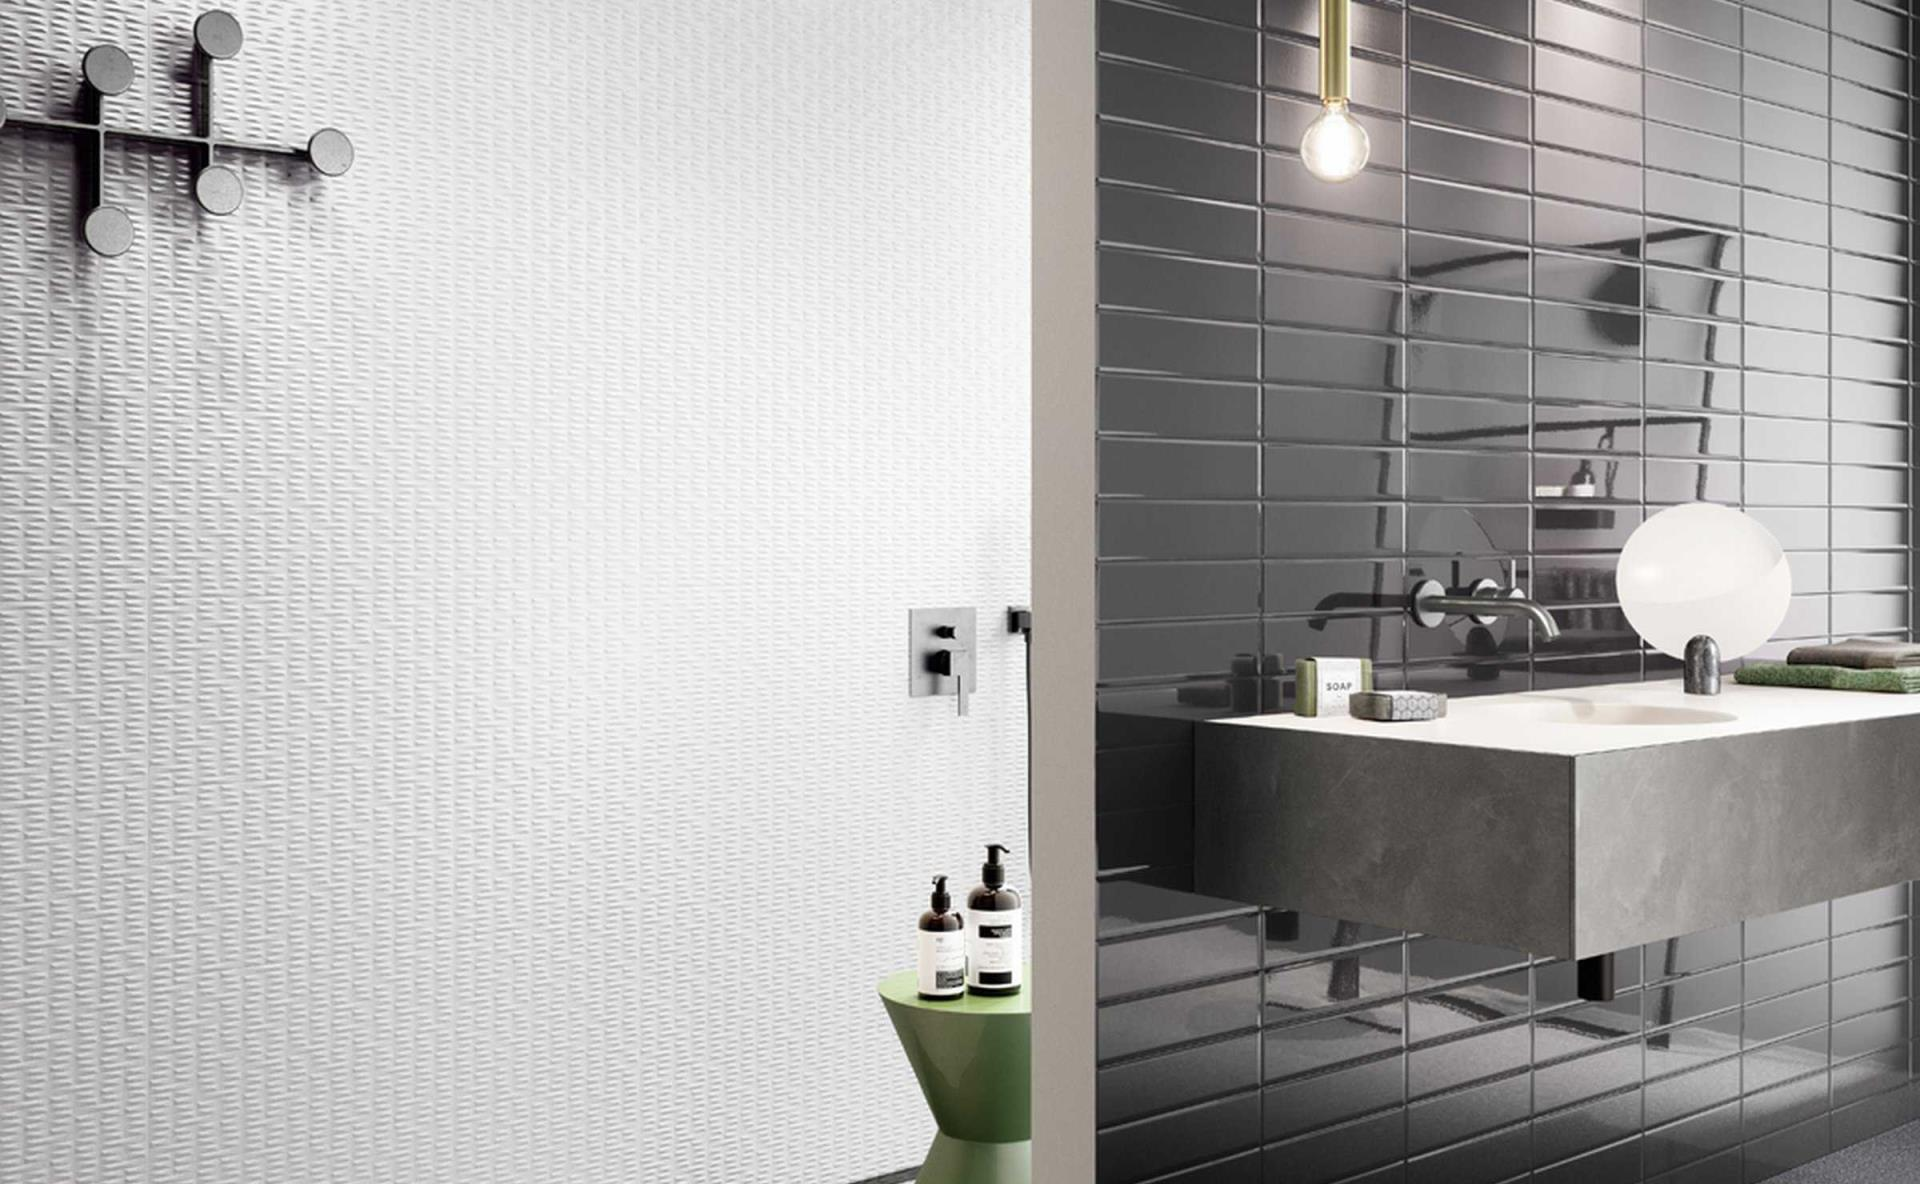 Sanitari & arredo bagno alto adige decorline piastrelle di